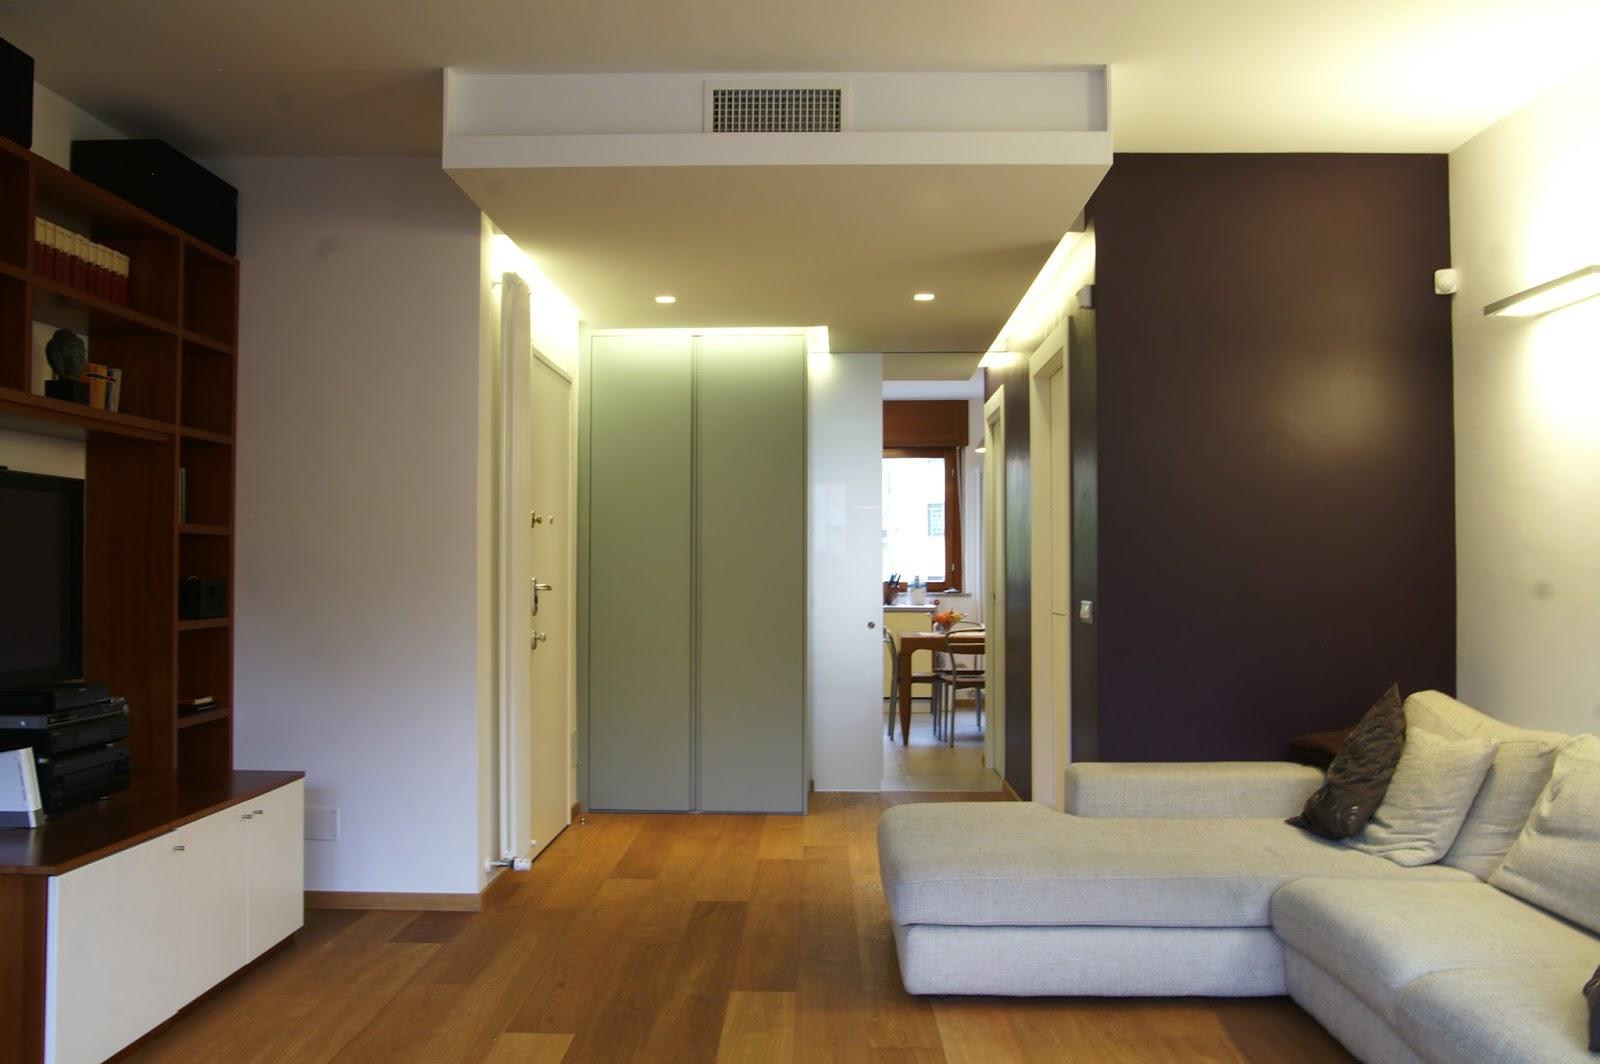 Illuminazione Led casa: Illuminazione a Torino - Ristrutturando un appartamento